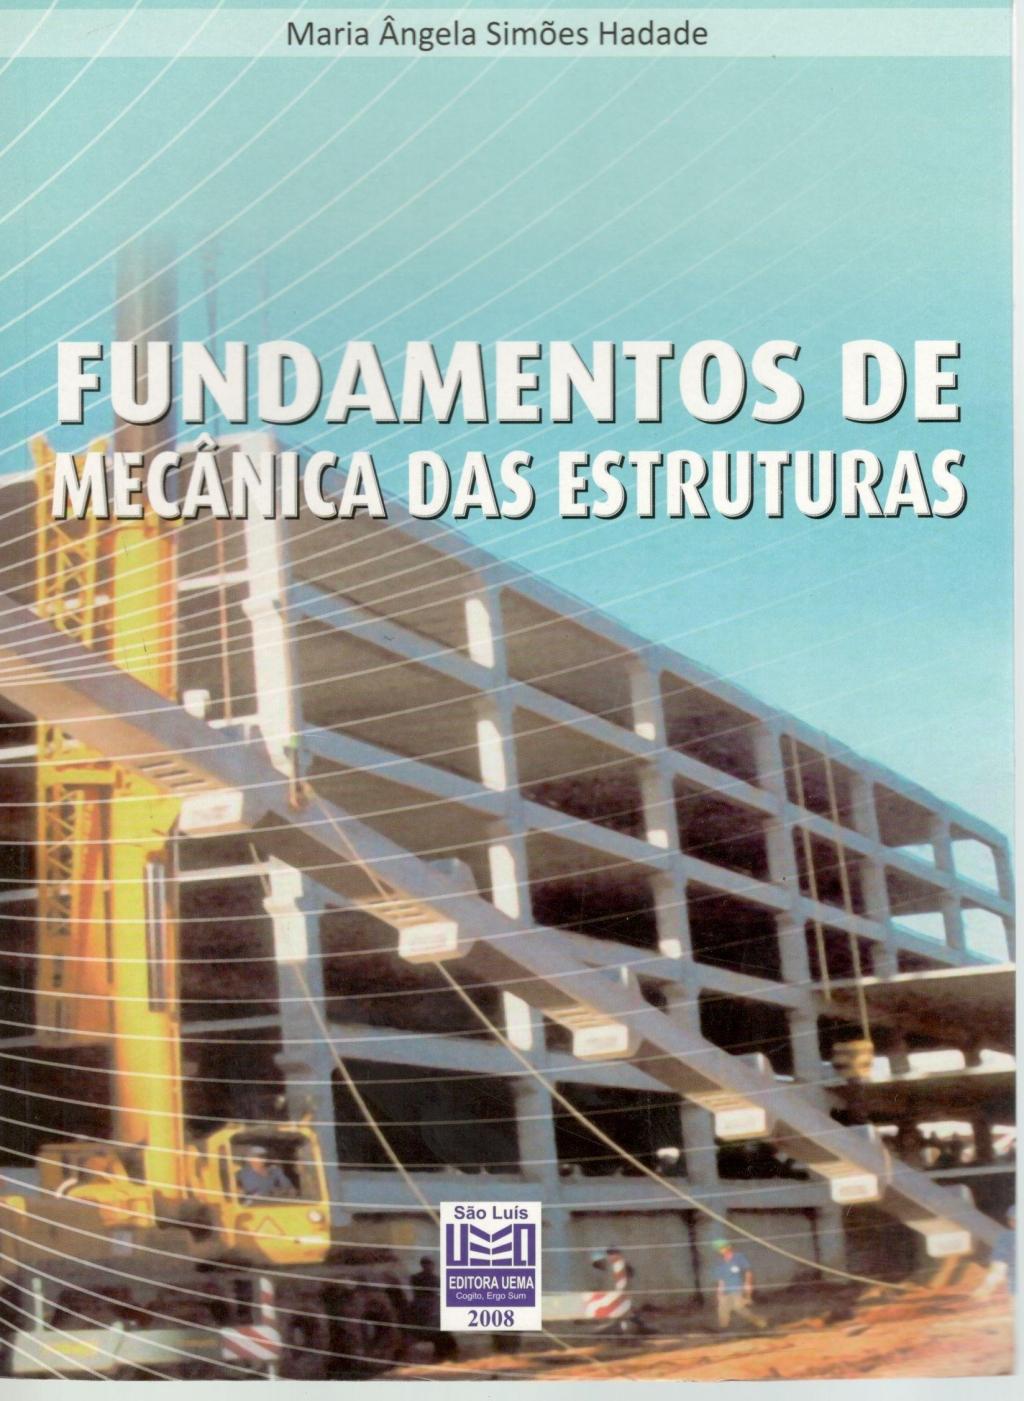 Fundamentos de mecânica das estruturas (Esgotado)